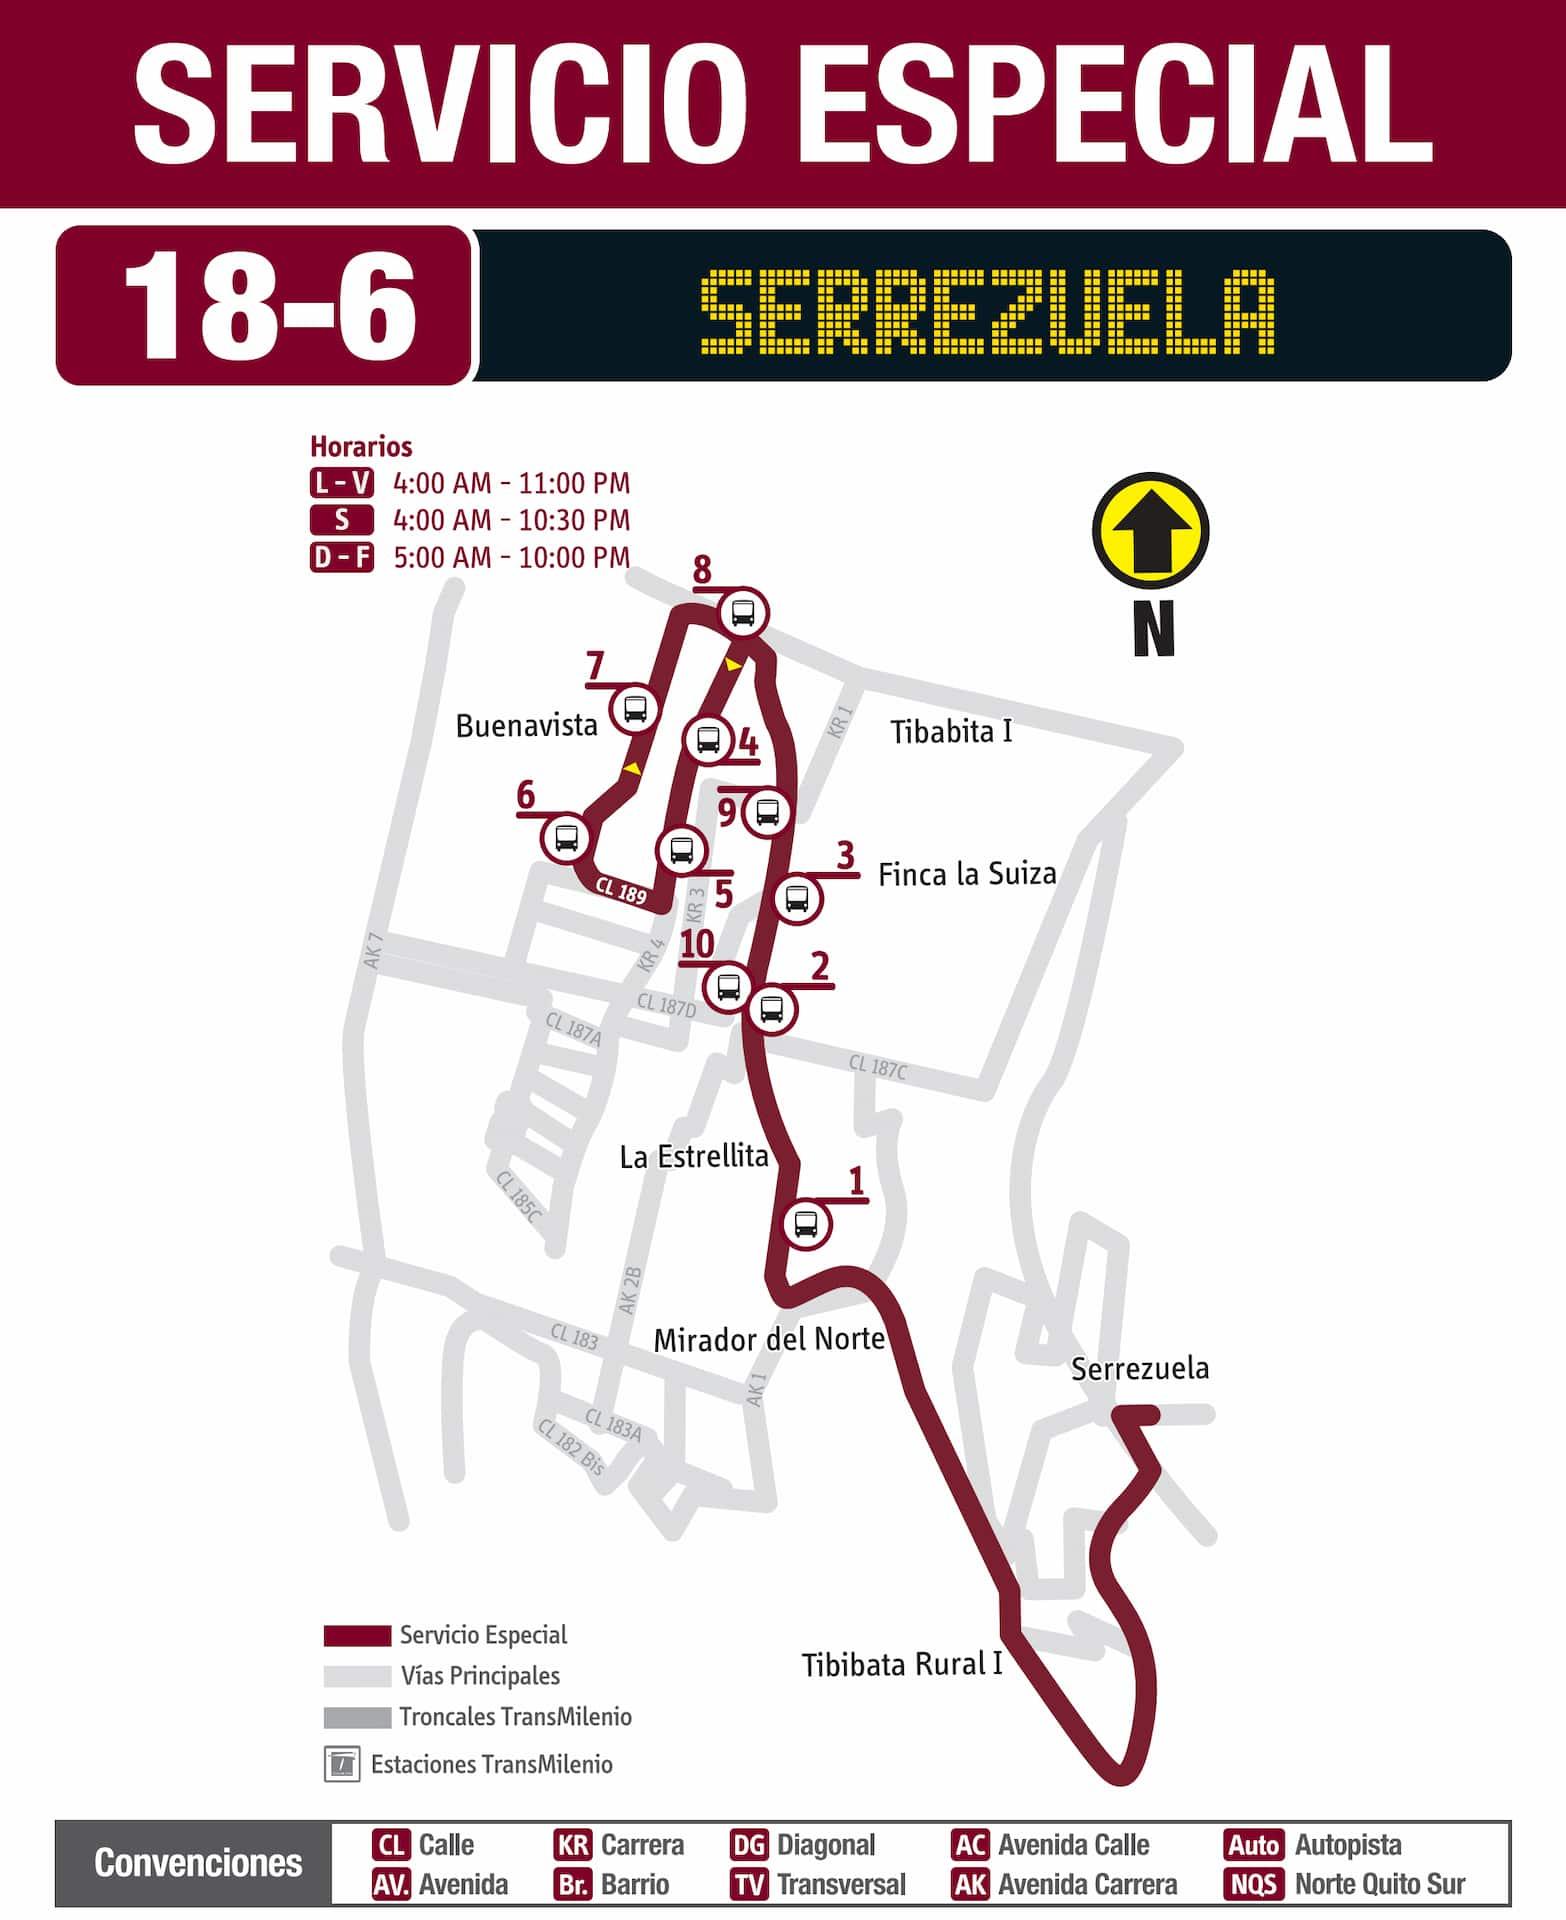 Servicio Especial 18-6 Serrezuela